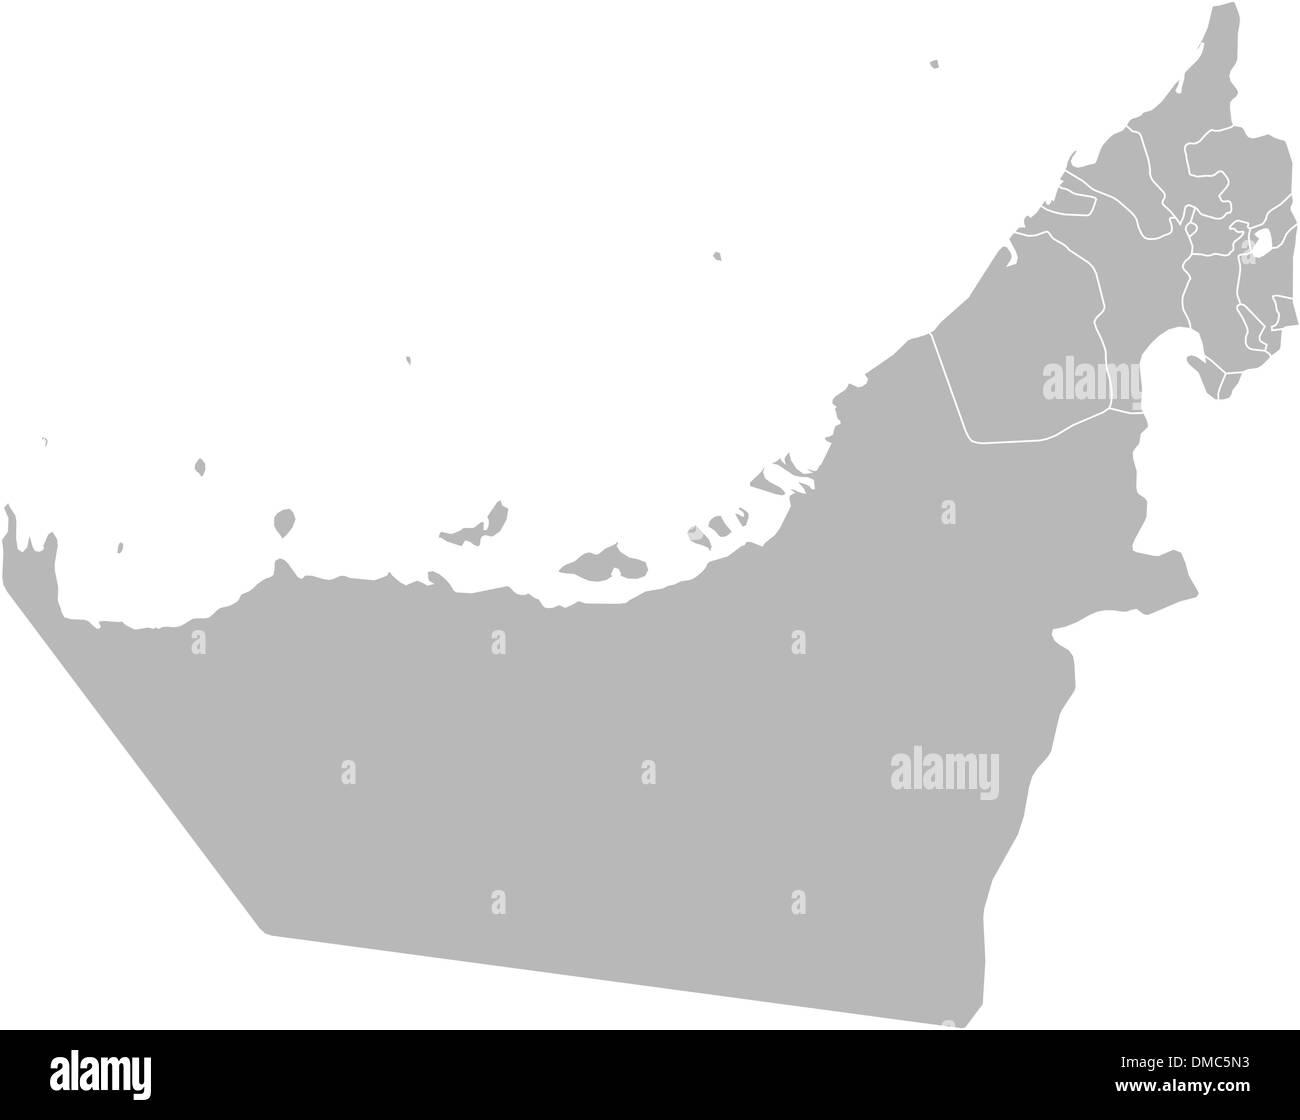 Map of the United Arab Emirates - Stock Image